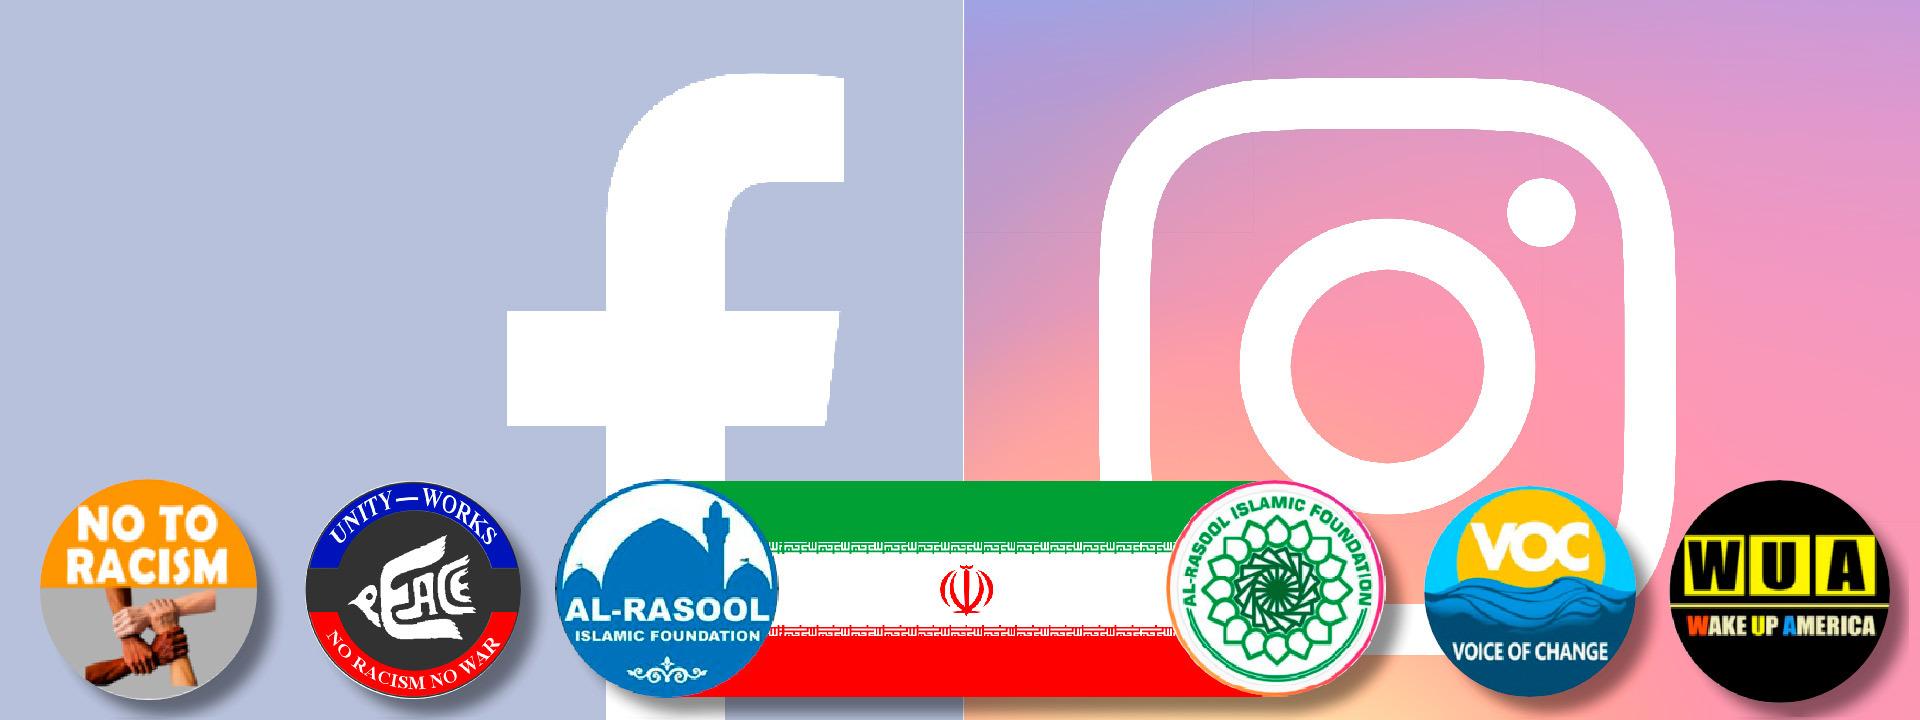 iran-rusia-redes-sociales-facebook